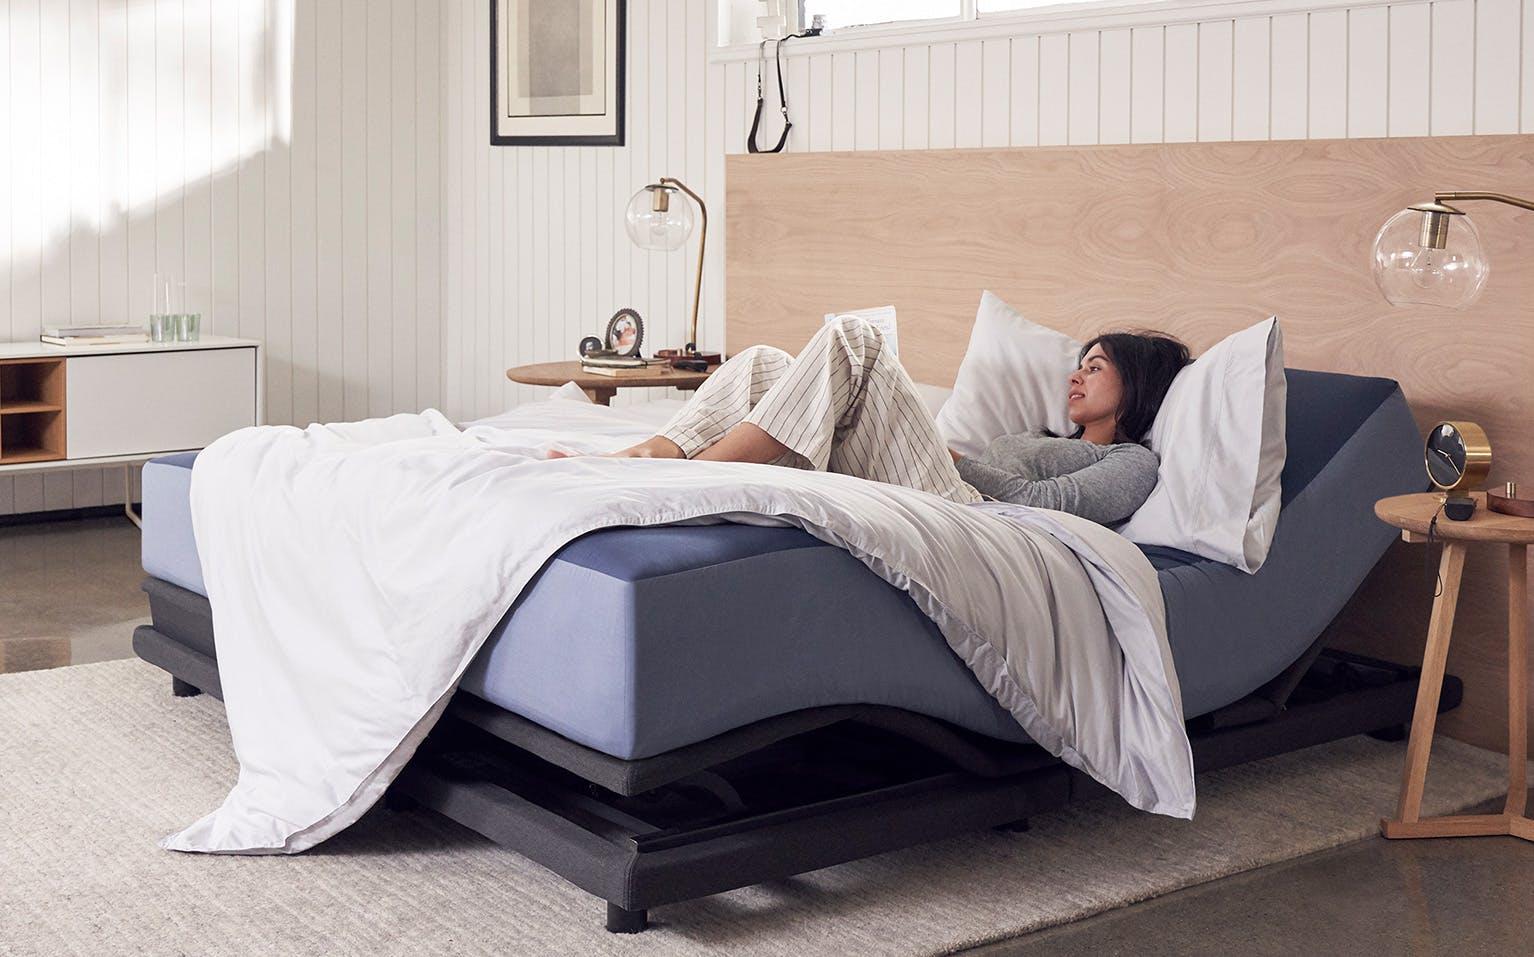 Design Bed Kopen.The Best Bed For Better Sleep Casper